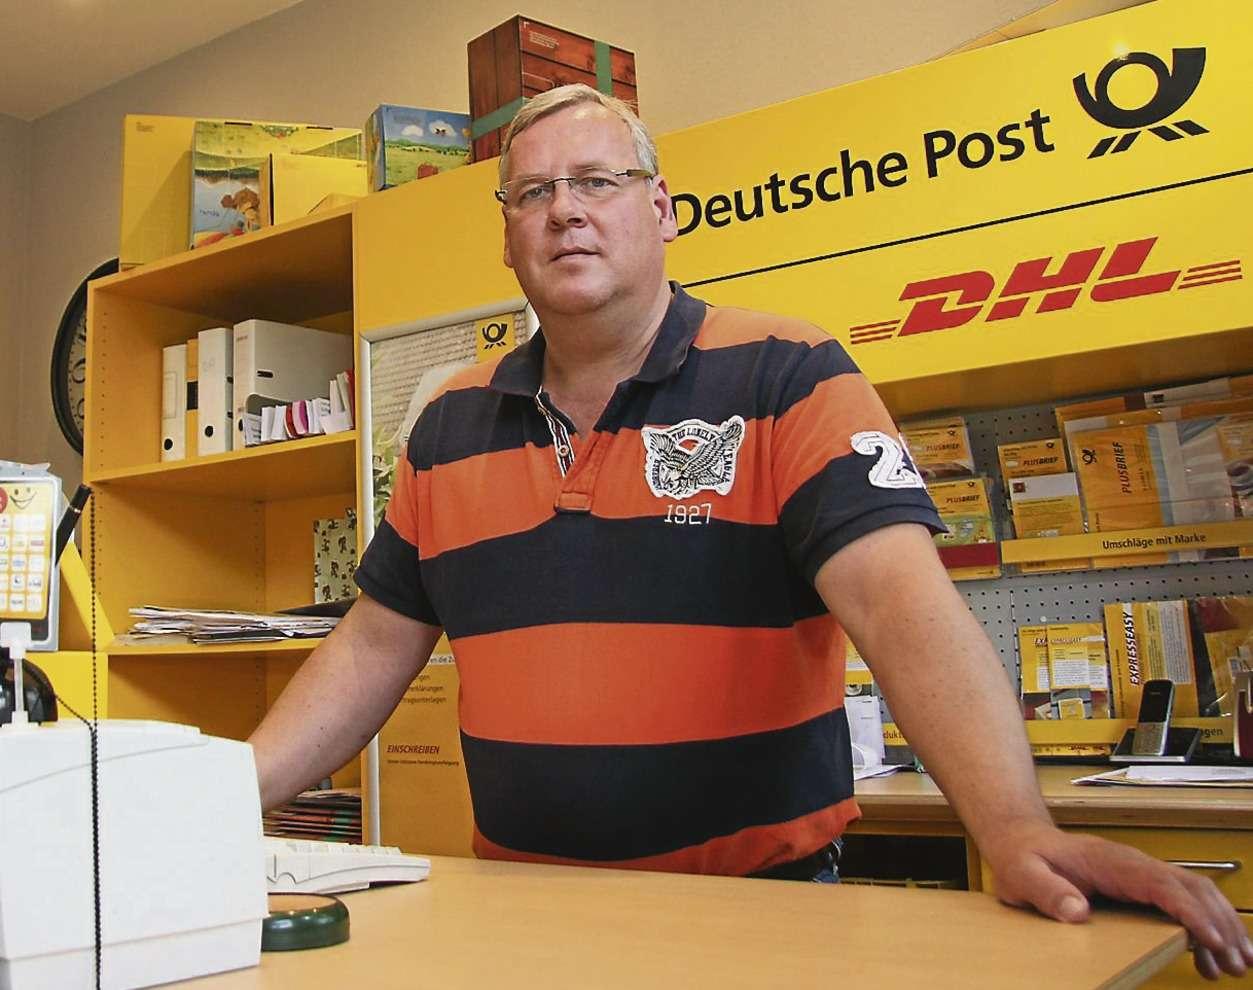 Thomas Preuß in der Postfiliale: